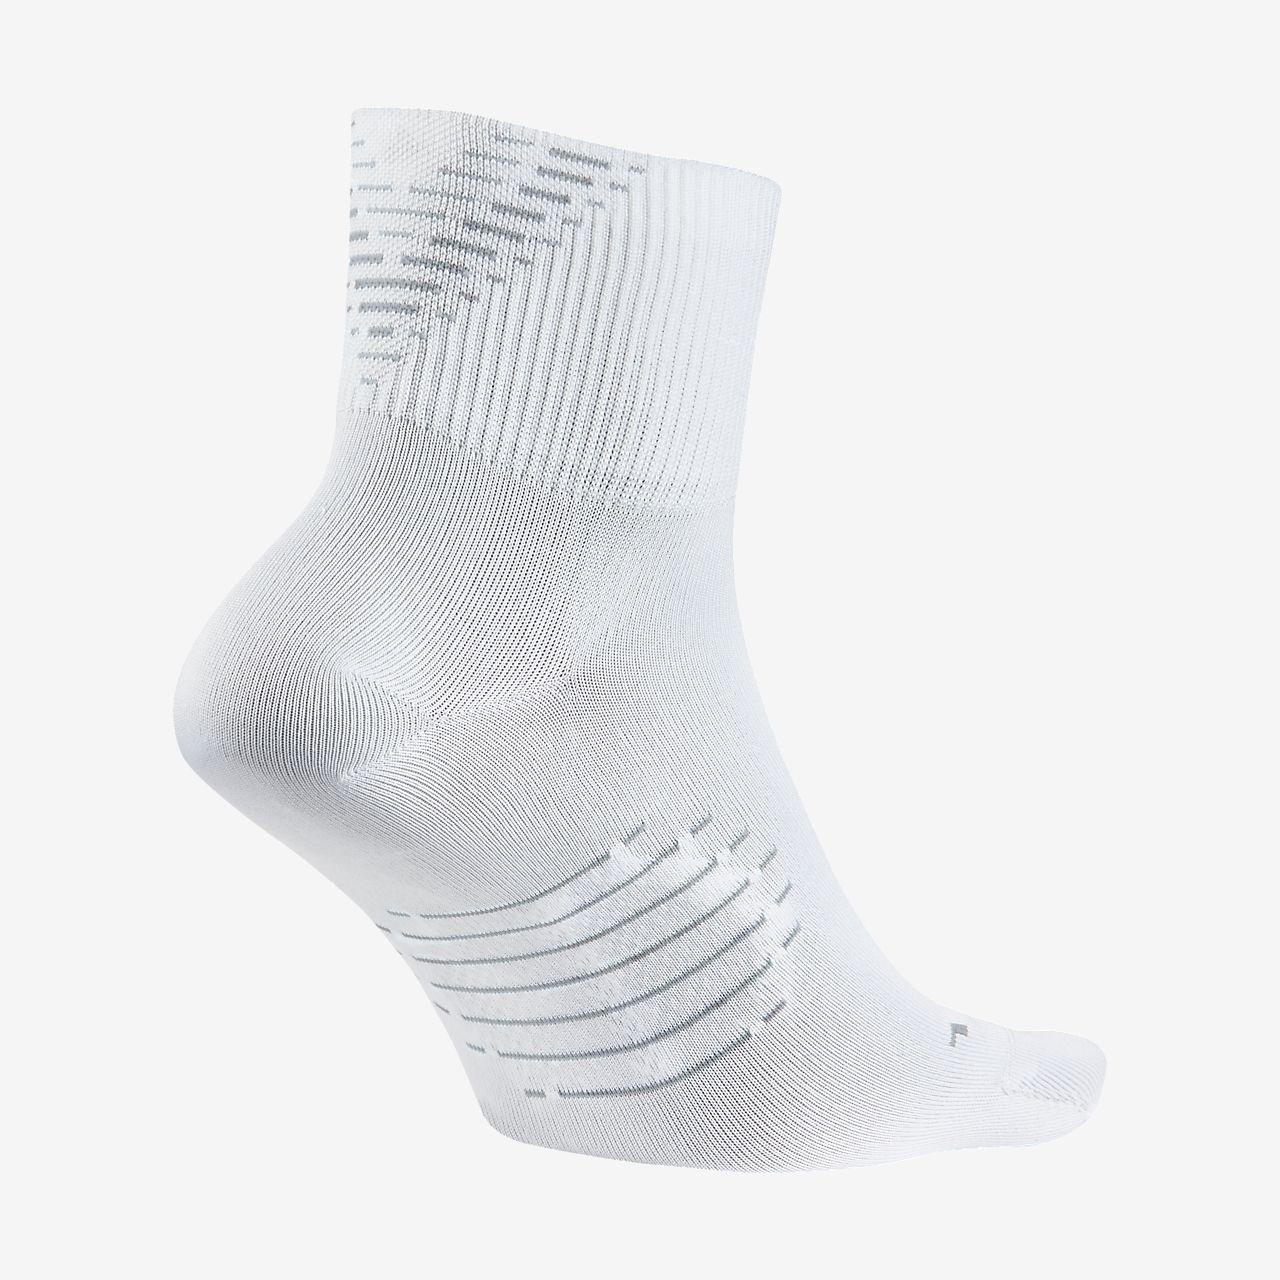 Nike Elite Lightweight 2.0 Quarter Running Socks